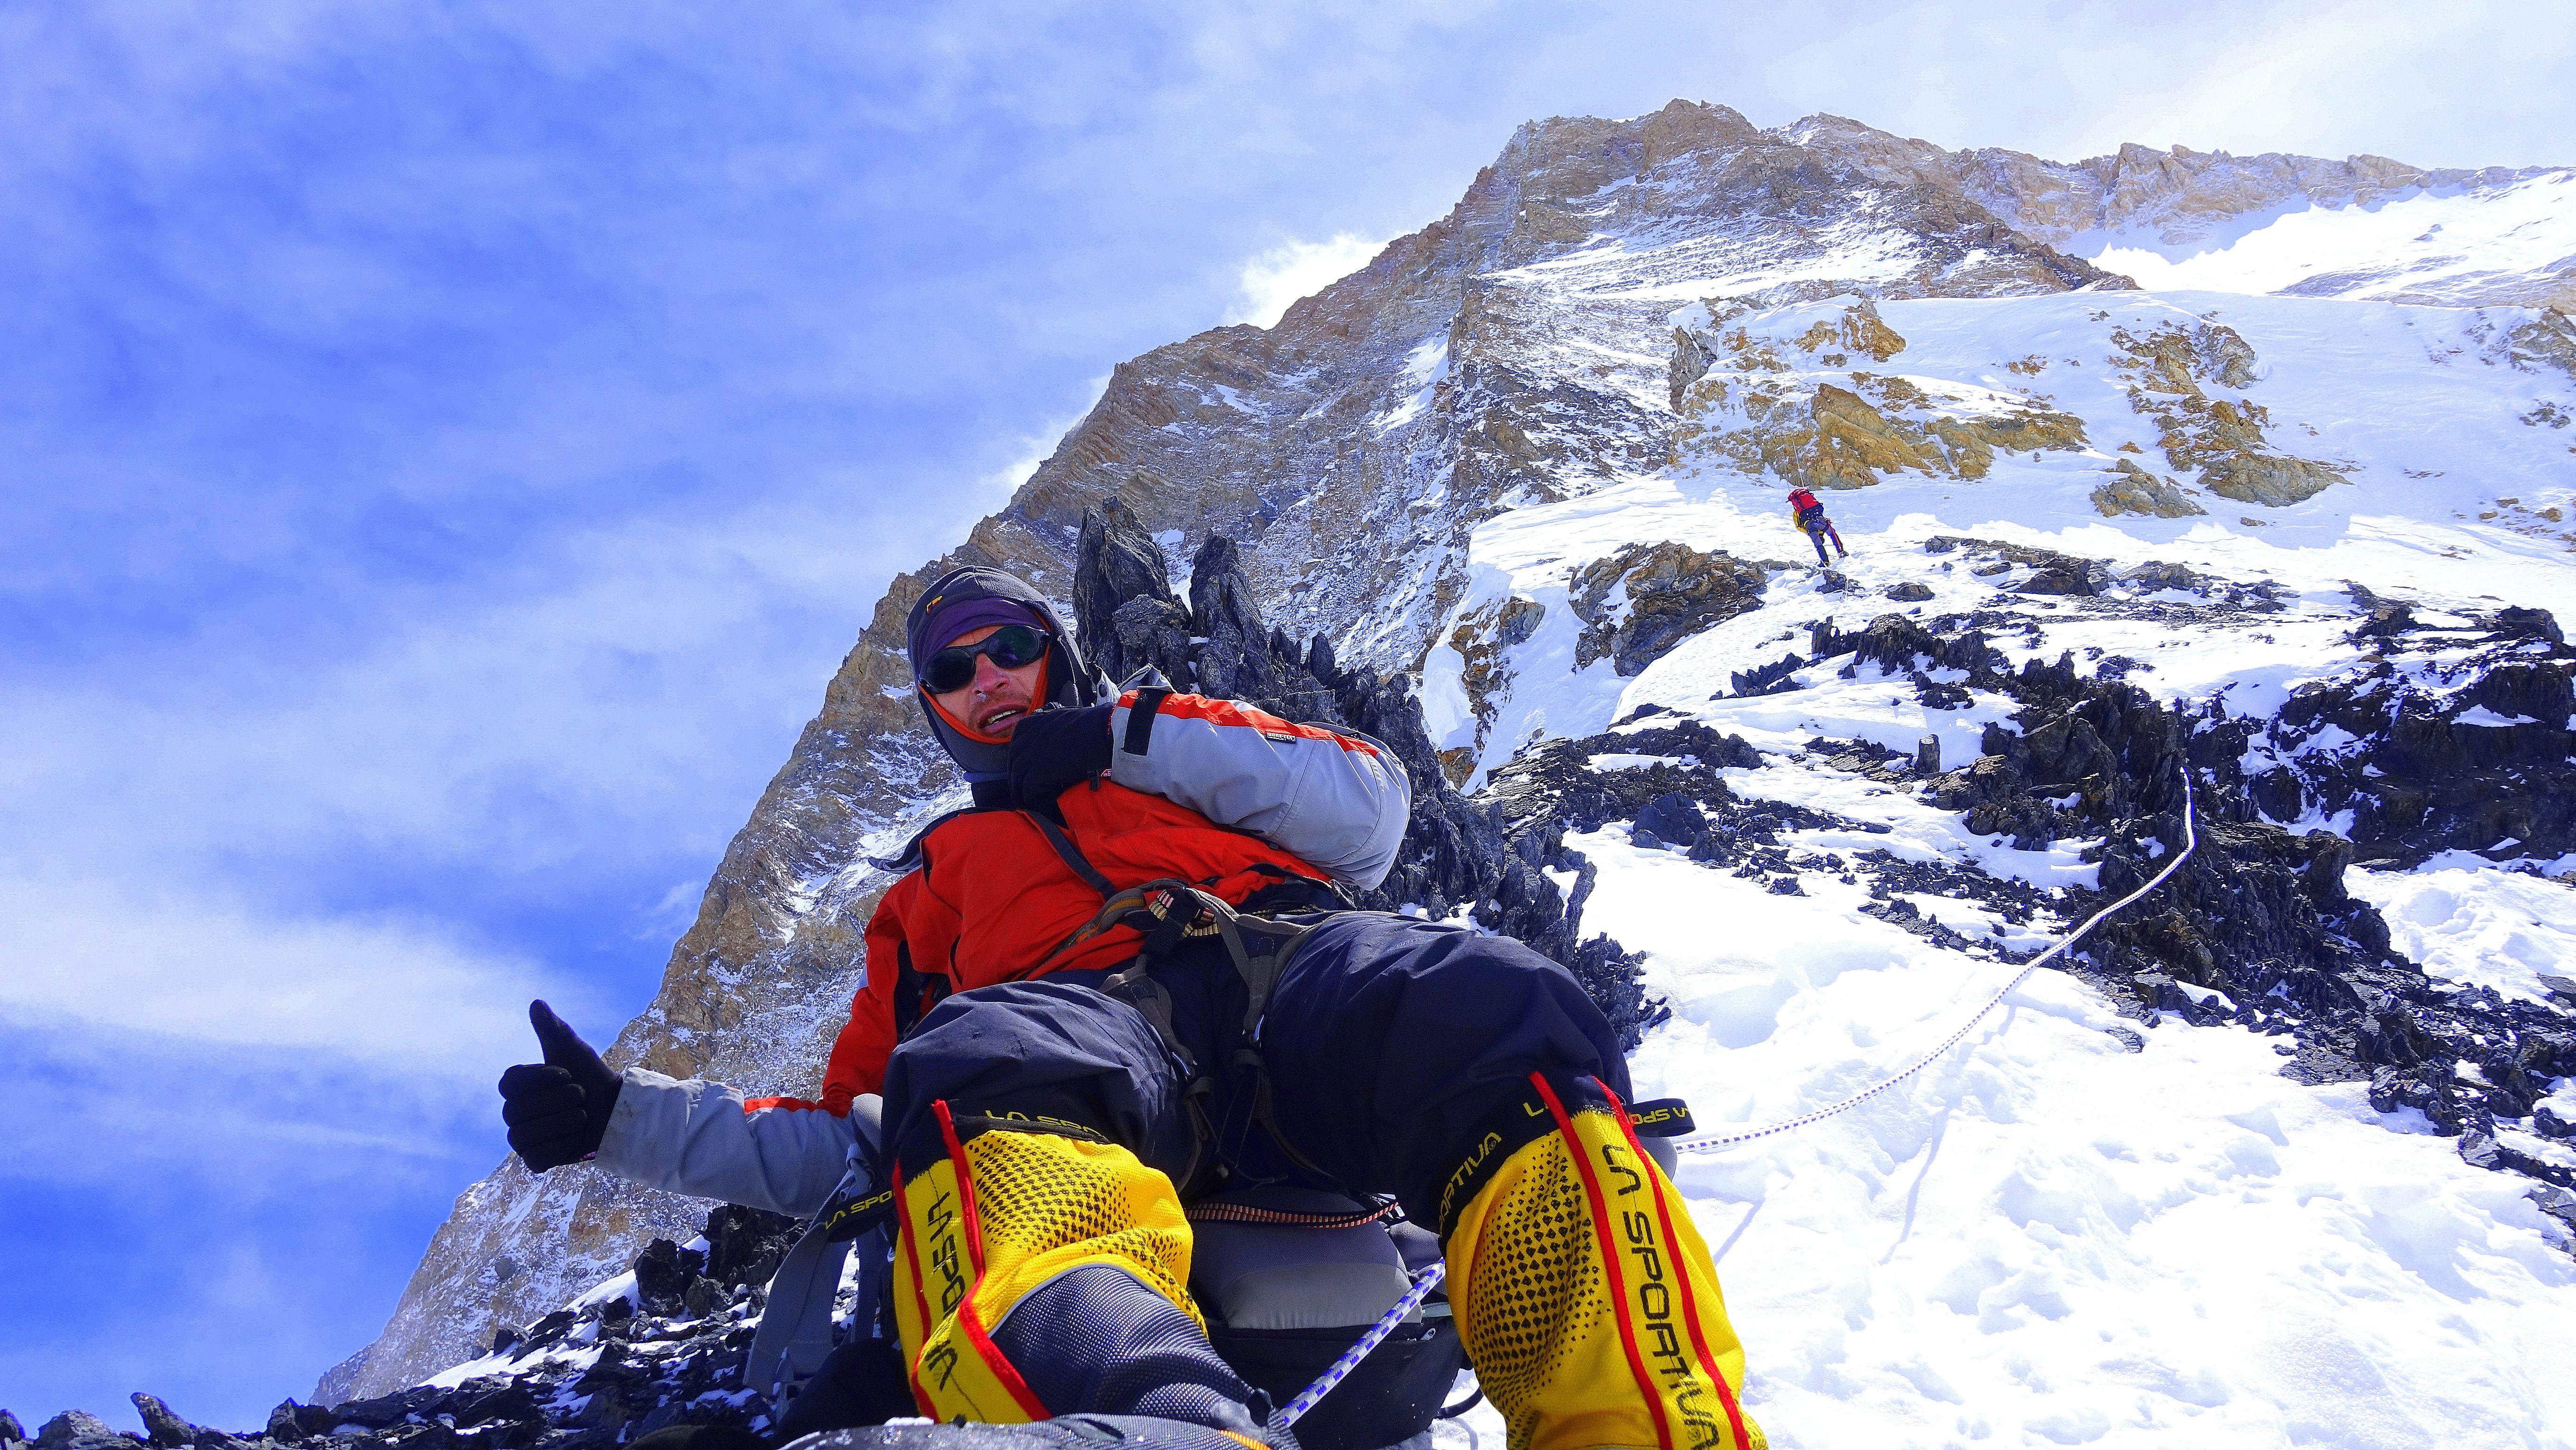 Verslininkas ir alpinizmo entuziastas: kalnų neužkariausi – jie prisileidžia arba ne